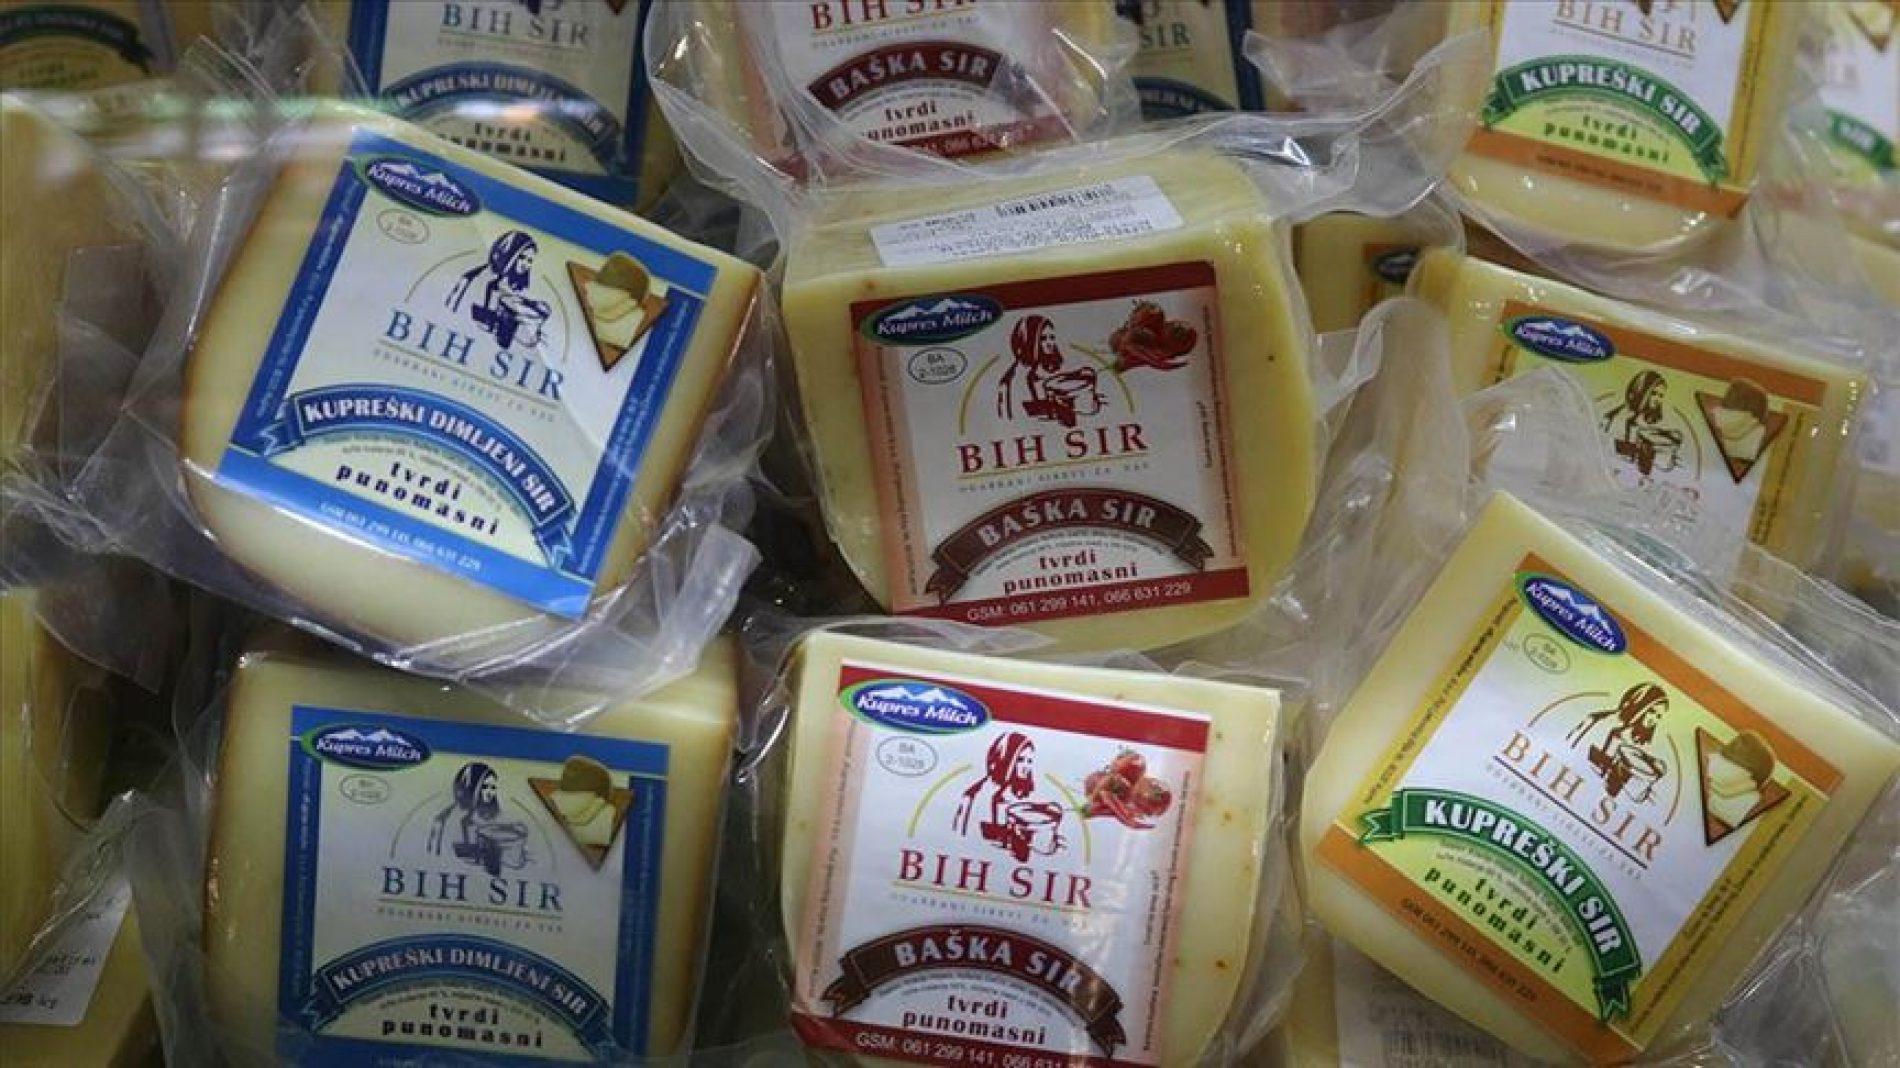 Vrijedne ruke porodice Žilić: Kupreški sir pobrao medalje Novosadskog sajma